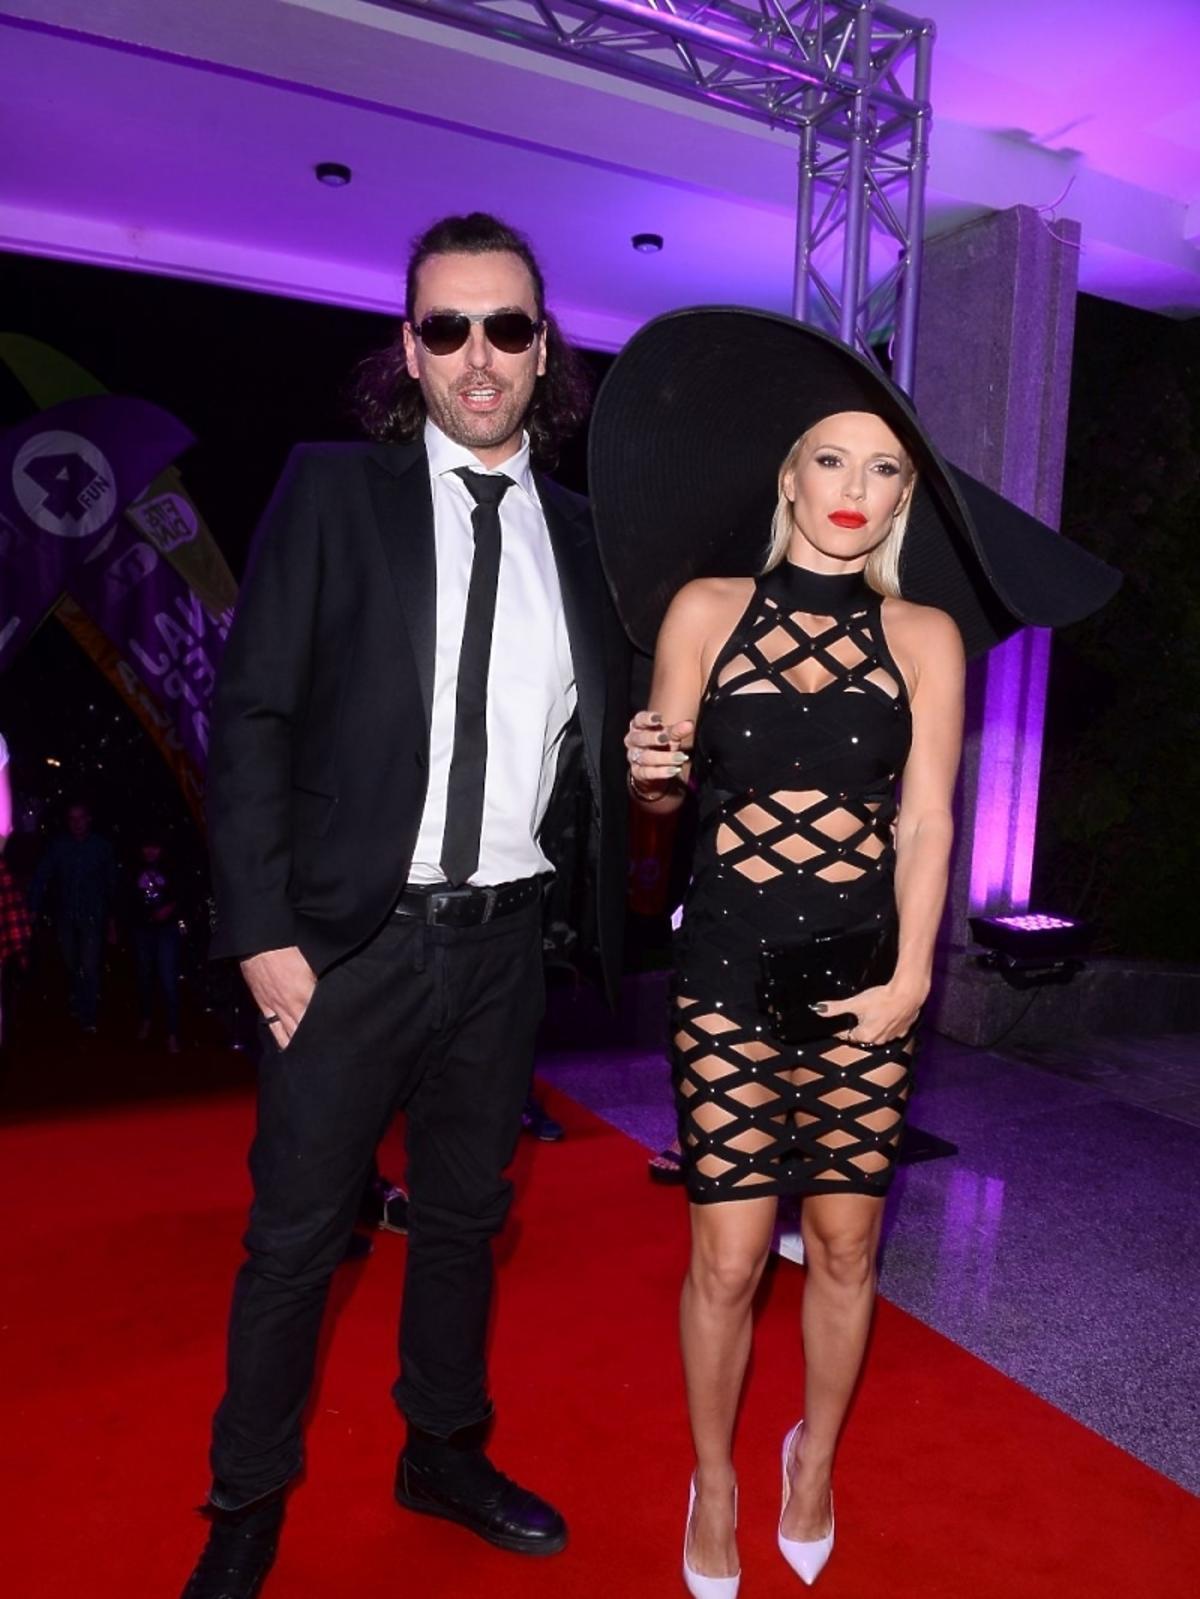 Doda i Emil Haidar na imprezie 4fun.tv